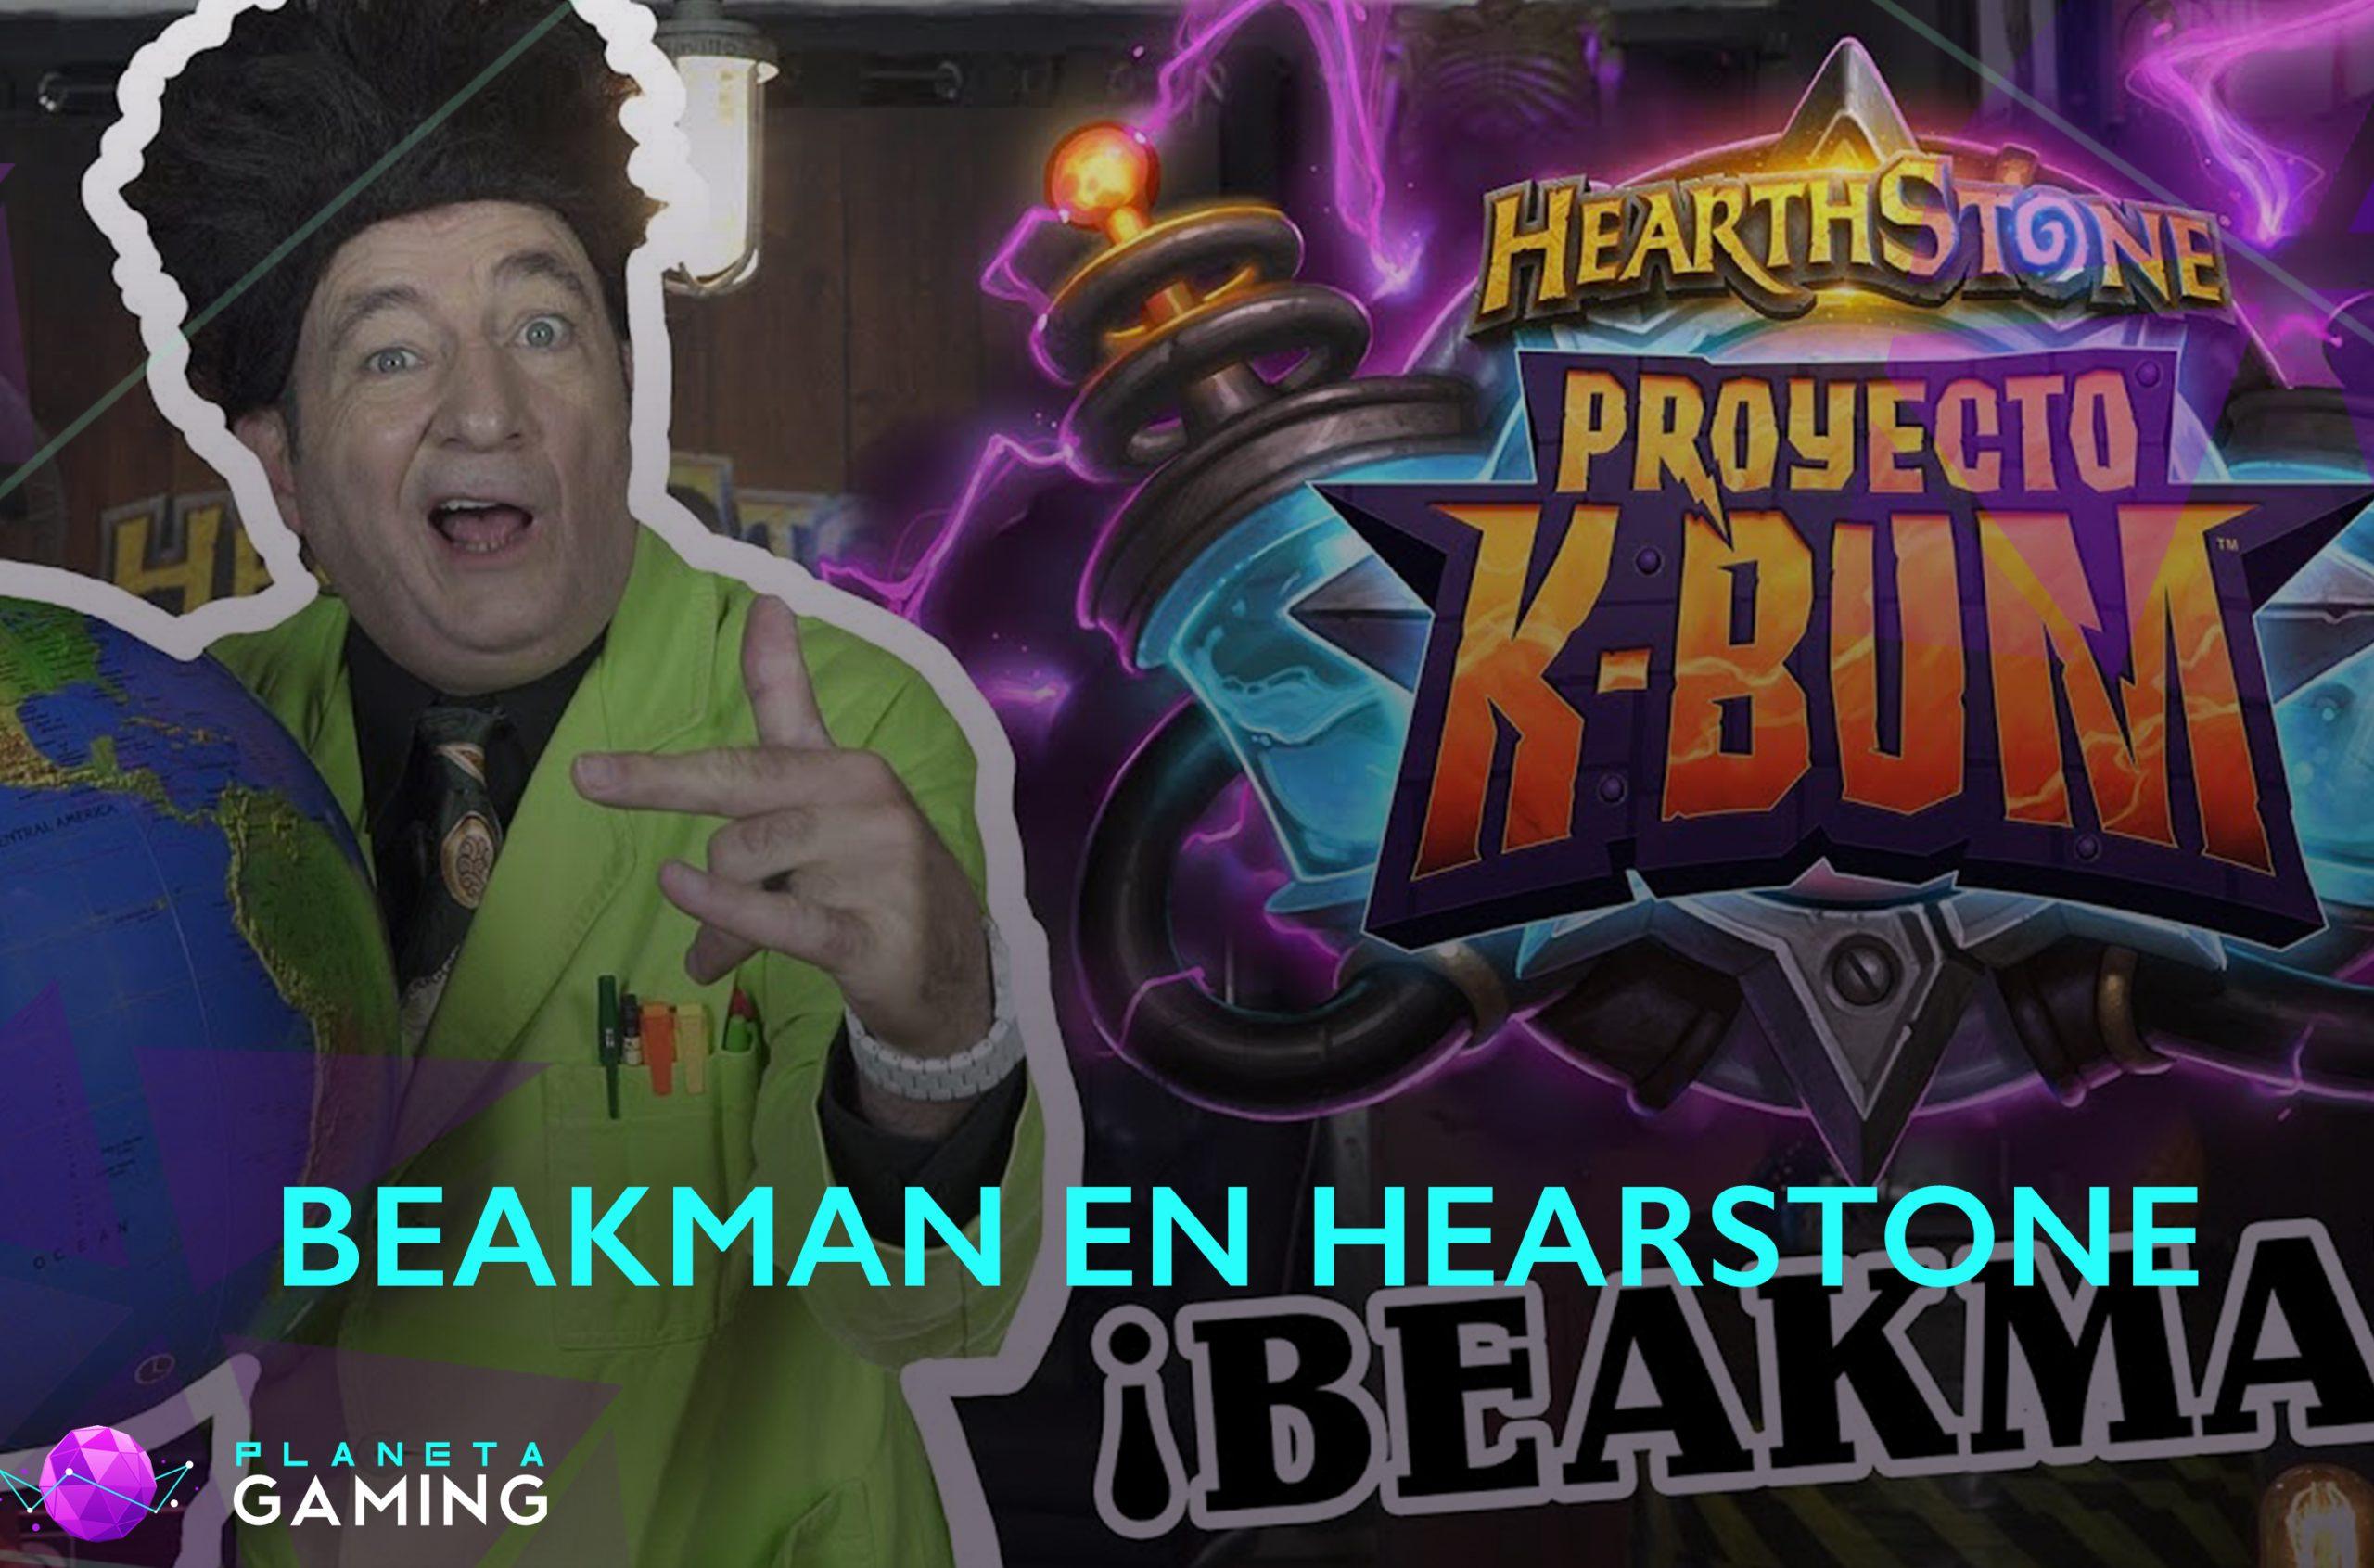 Beakman nos explica la nueva expansión de Hearthstone